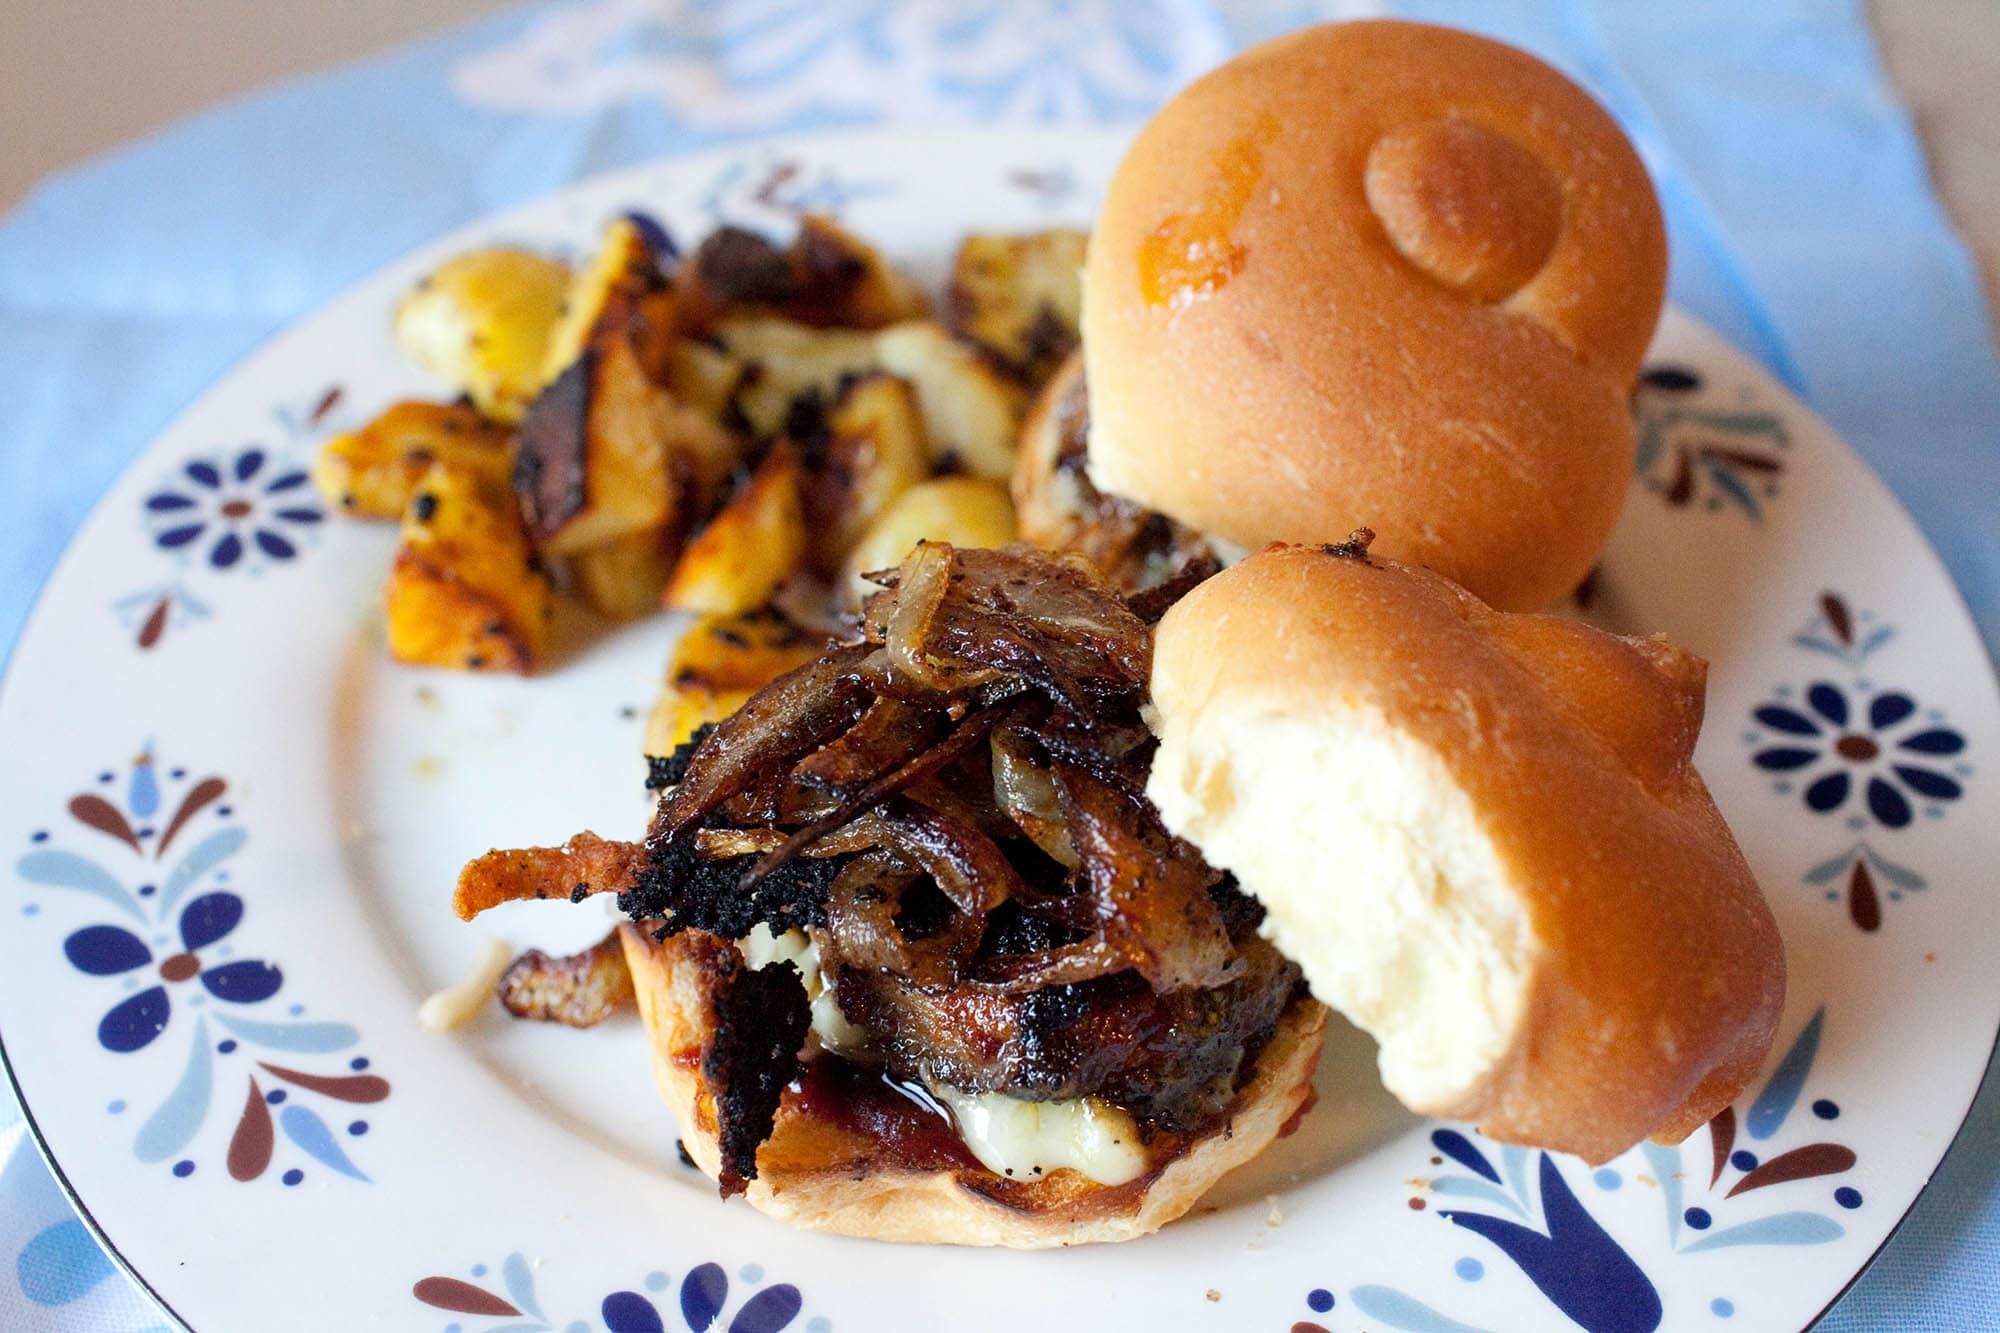 BBQ Mushroom Sliders